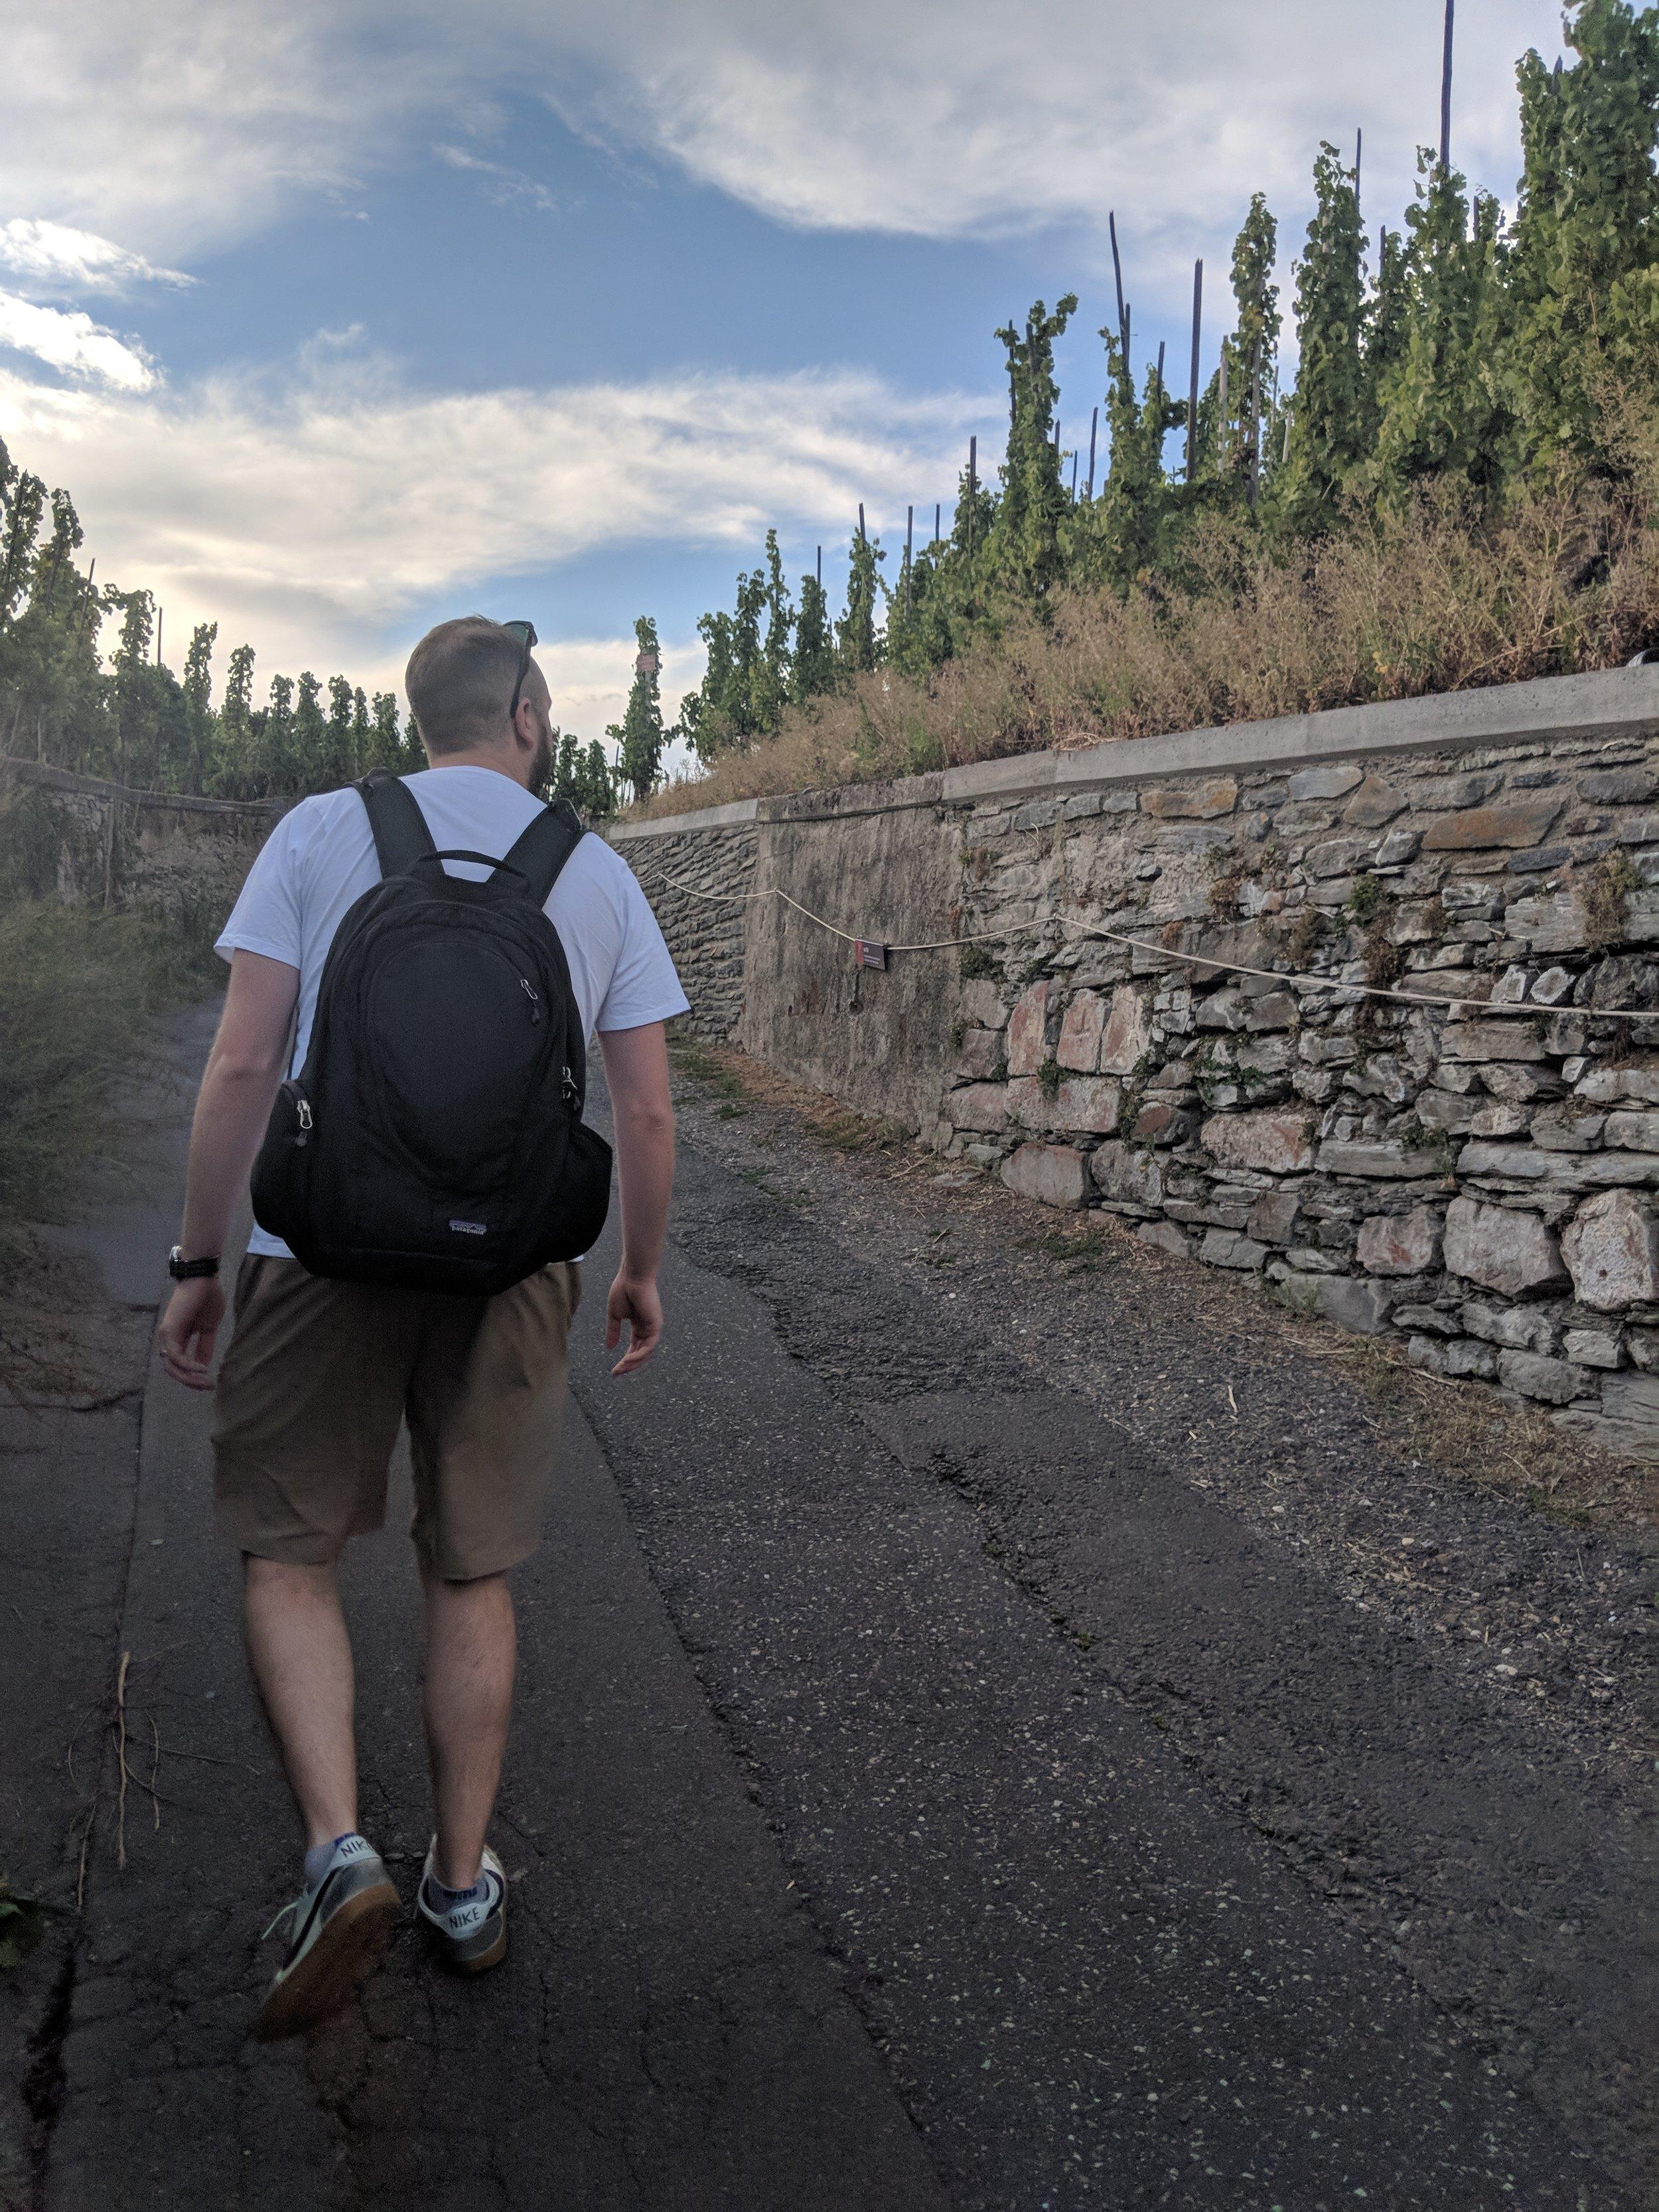 Taking a walk through the Bernkastel vineyards